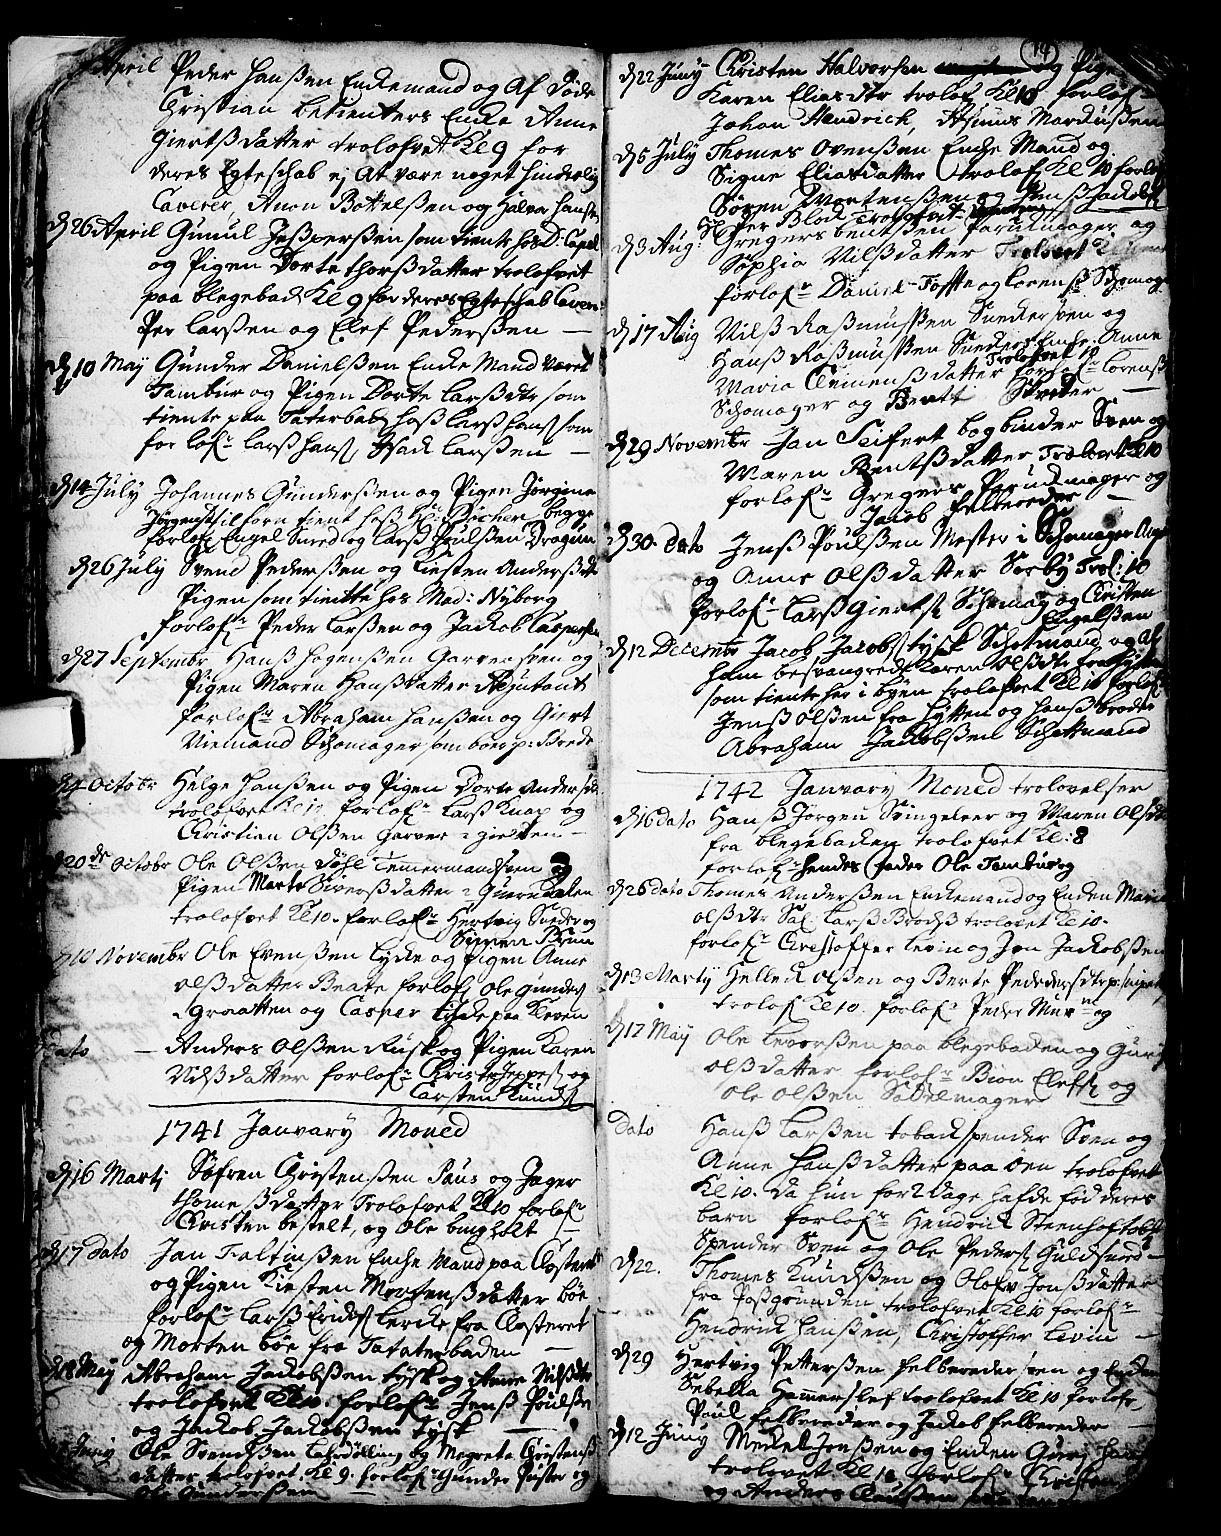 SAKO, Skien kirkebøker, F/Fa/L0002: Ministerialbok nr. 2, 1716-1757, s. 14